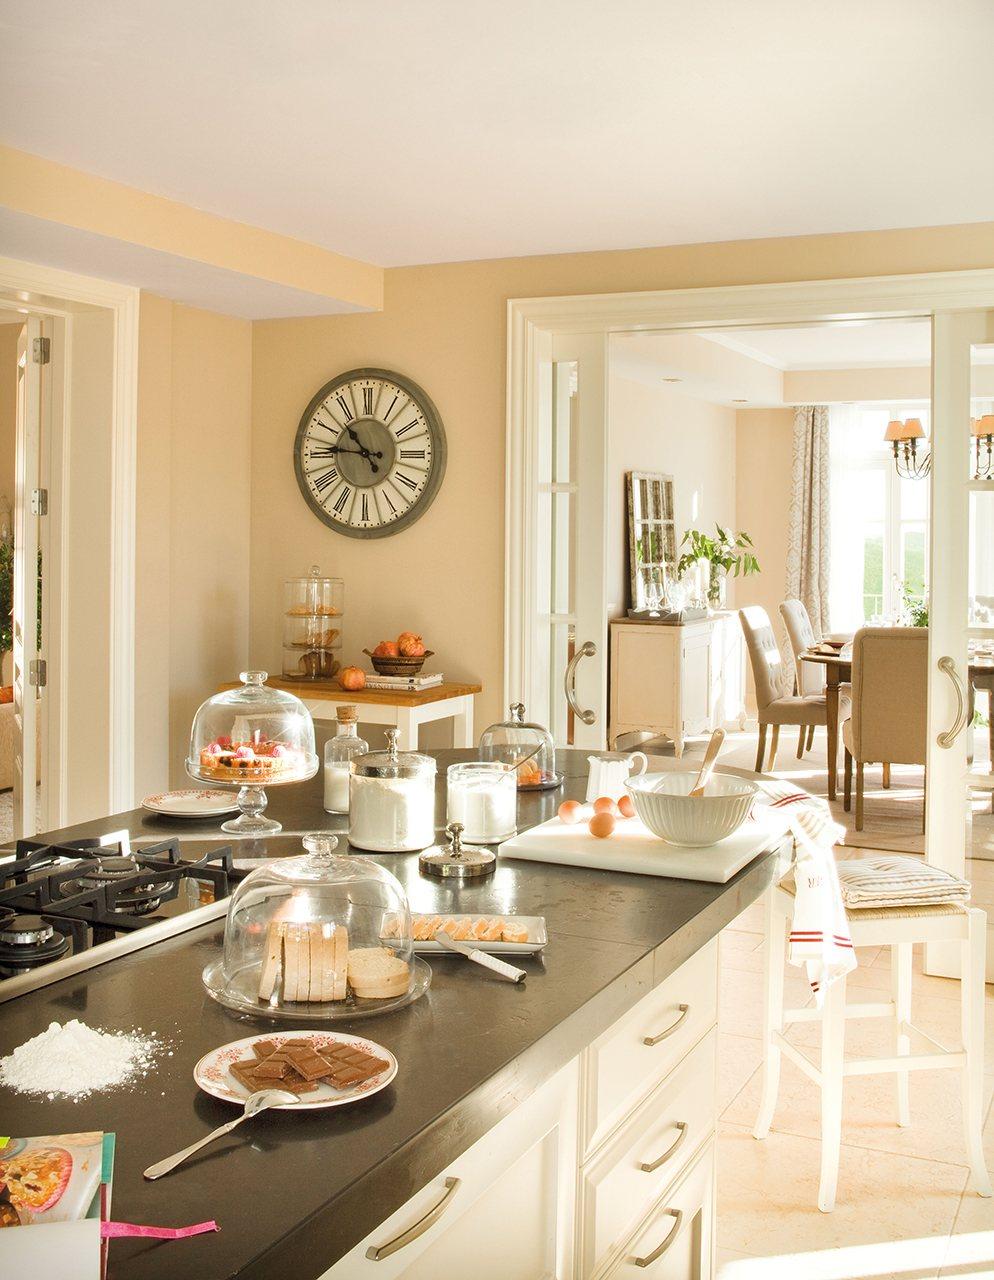 Limpiar baldosas bao interesting finest baldosas mrmol y - Como limpiar las baldosas de la cocina ...